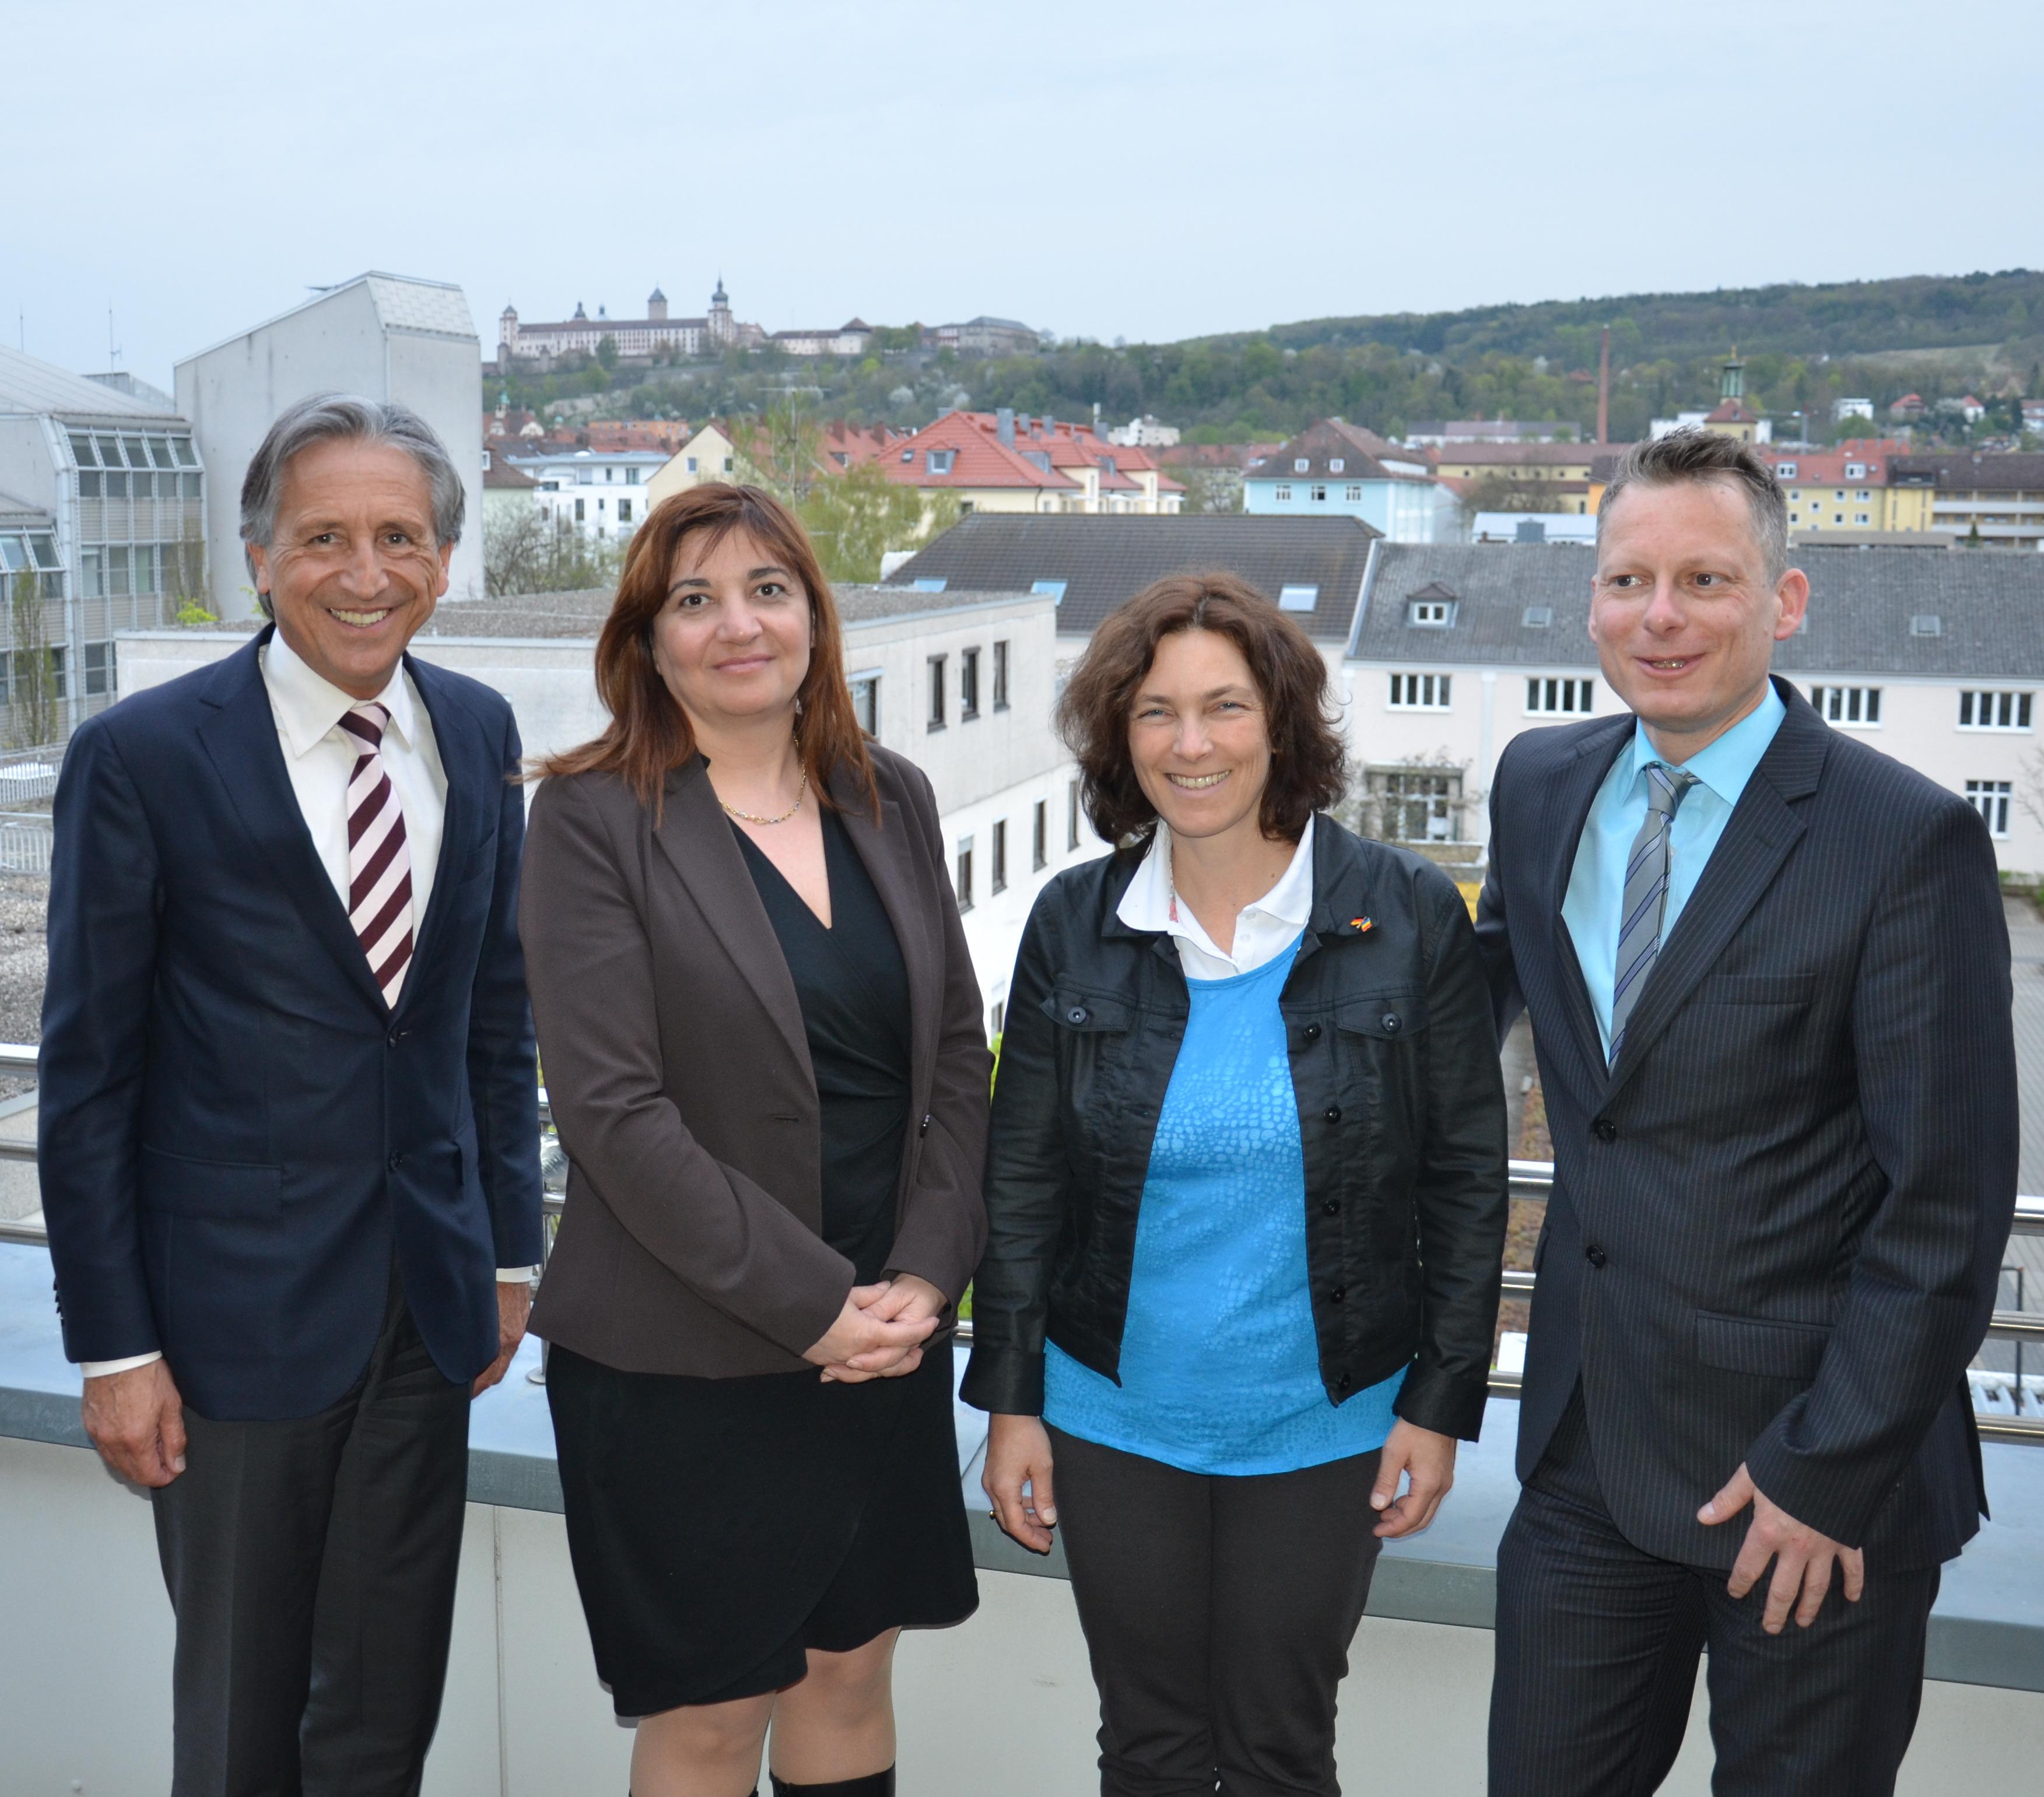 Kerstin Celina mit MdB Ekin Deligöz bei der IHK. Auf dem Bild u.a. zusammen mit Rudolf Trunk und mit Kurt Treumann.